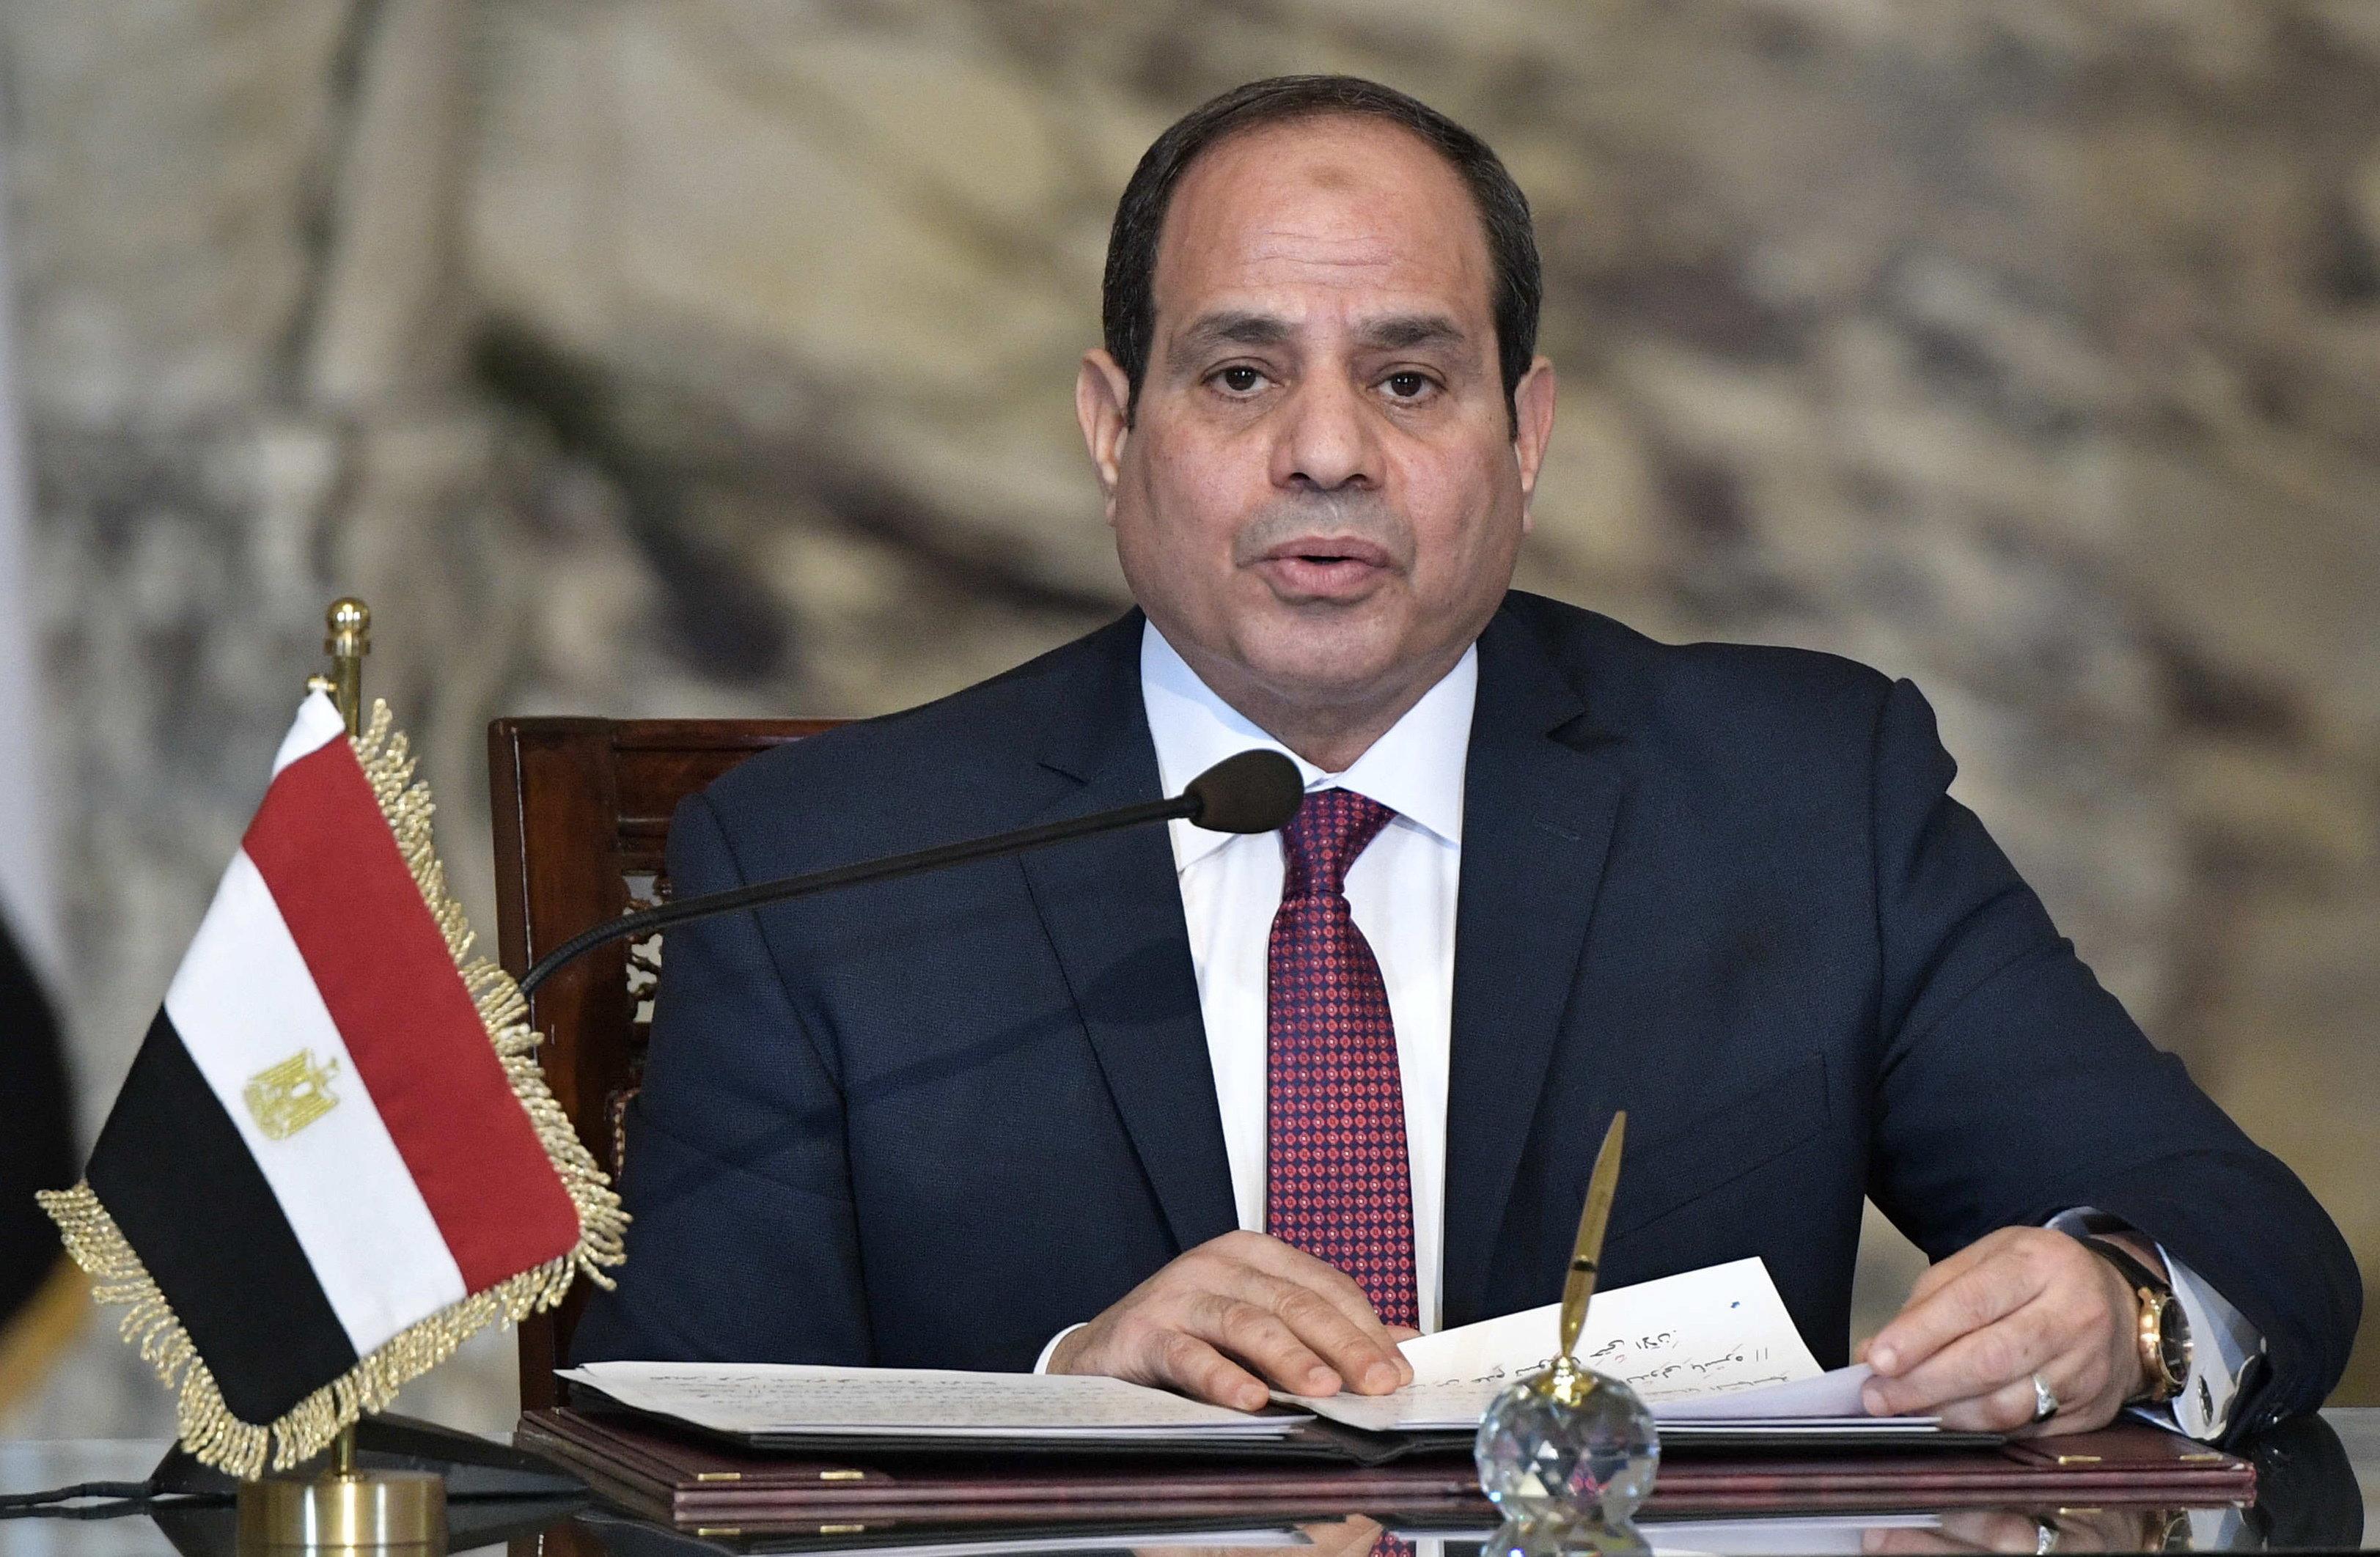 Αίγυπτος: «Αν δεν είχαμε λάβει αυτά τα μέτρα, θα είχαμε χάσει το Σινά», δηλώνει ο Σίσι για την επιχείρηση κατά των